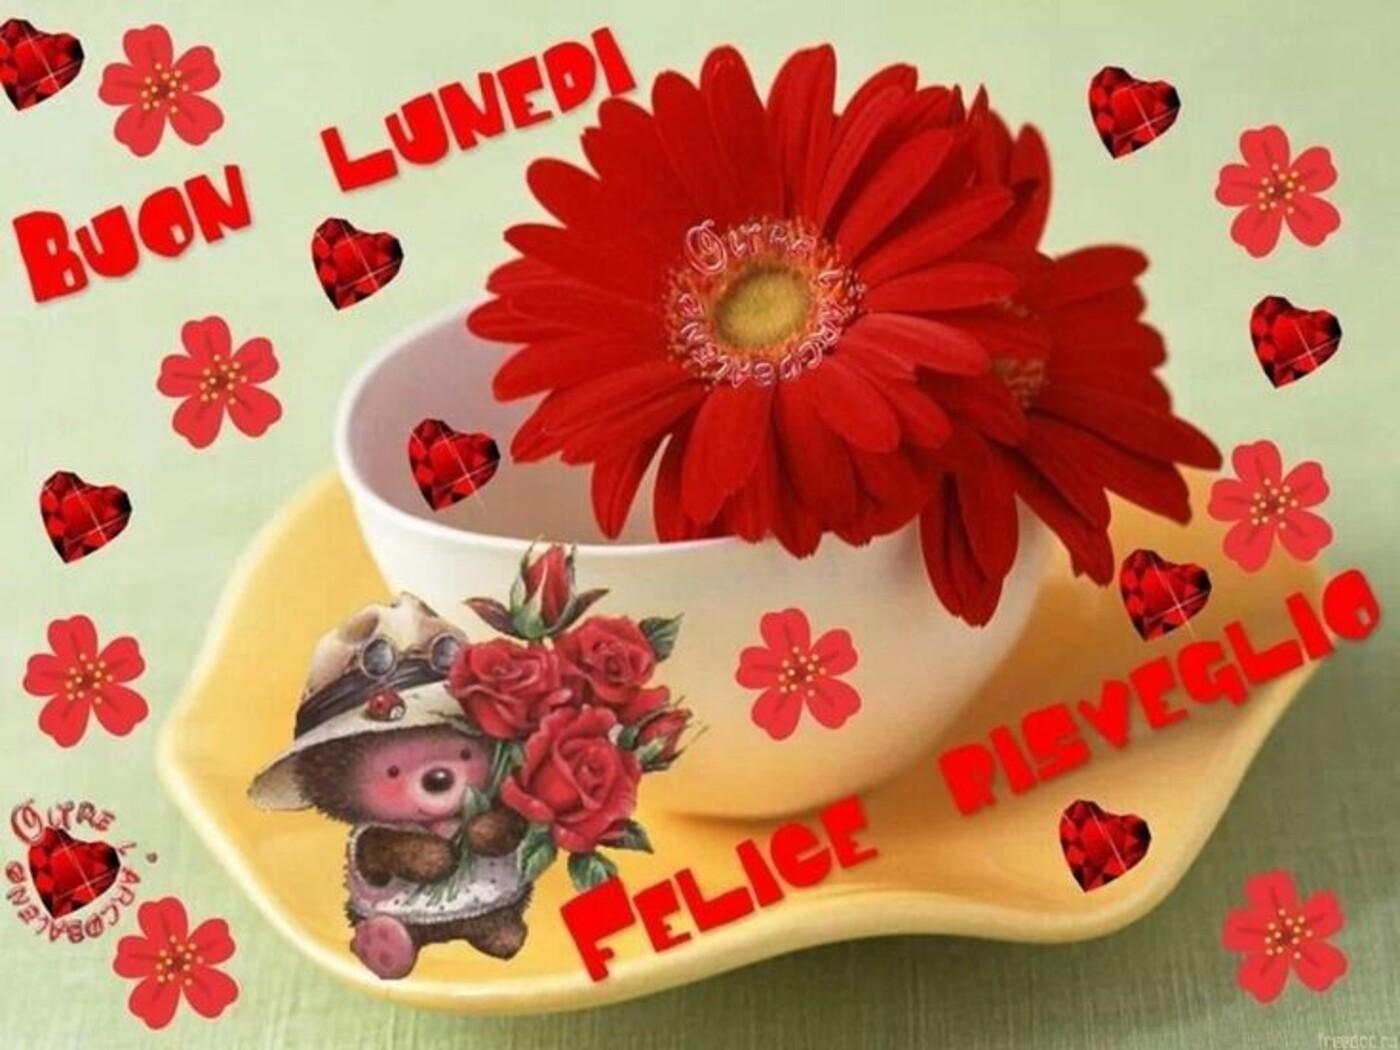 Buon Lunedì Felice Risveglio Amore